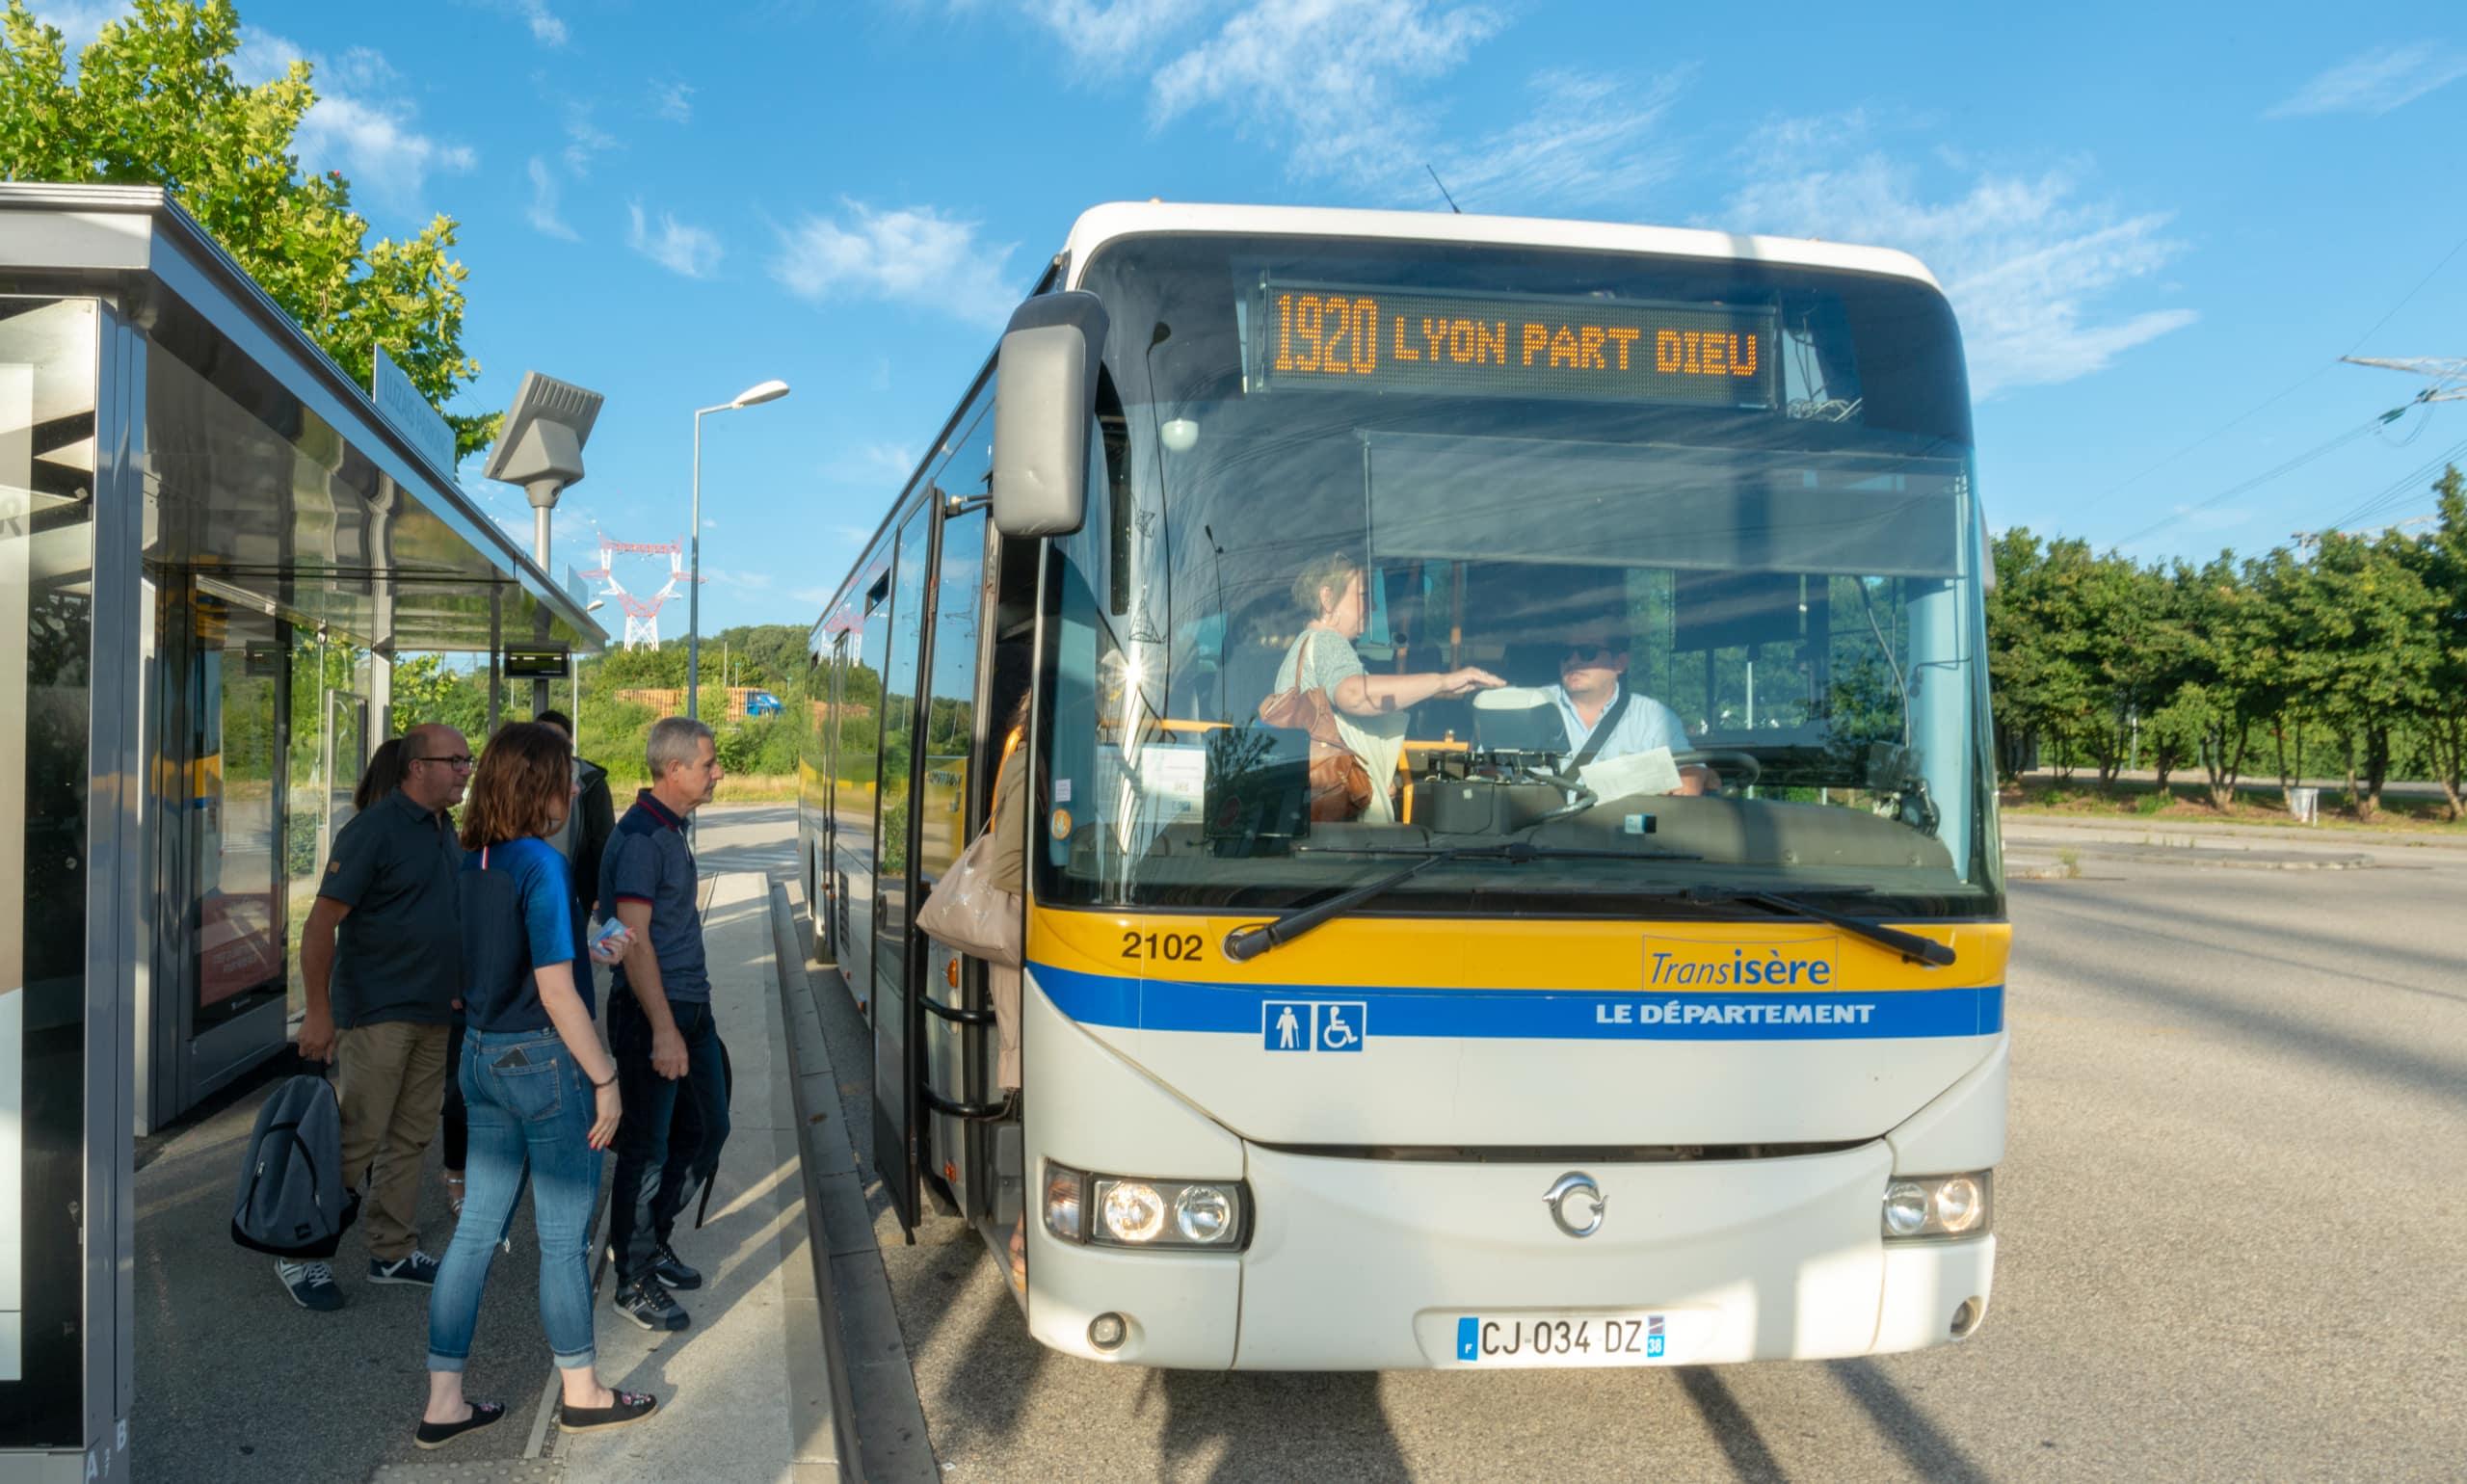 bus devant un arrêt direction Lyon-Pardieu